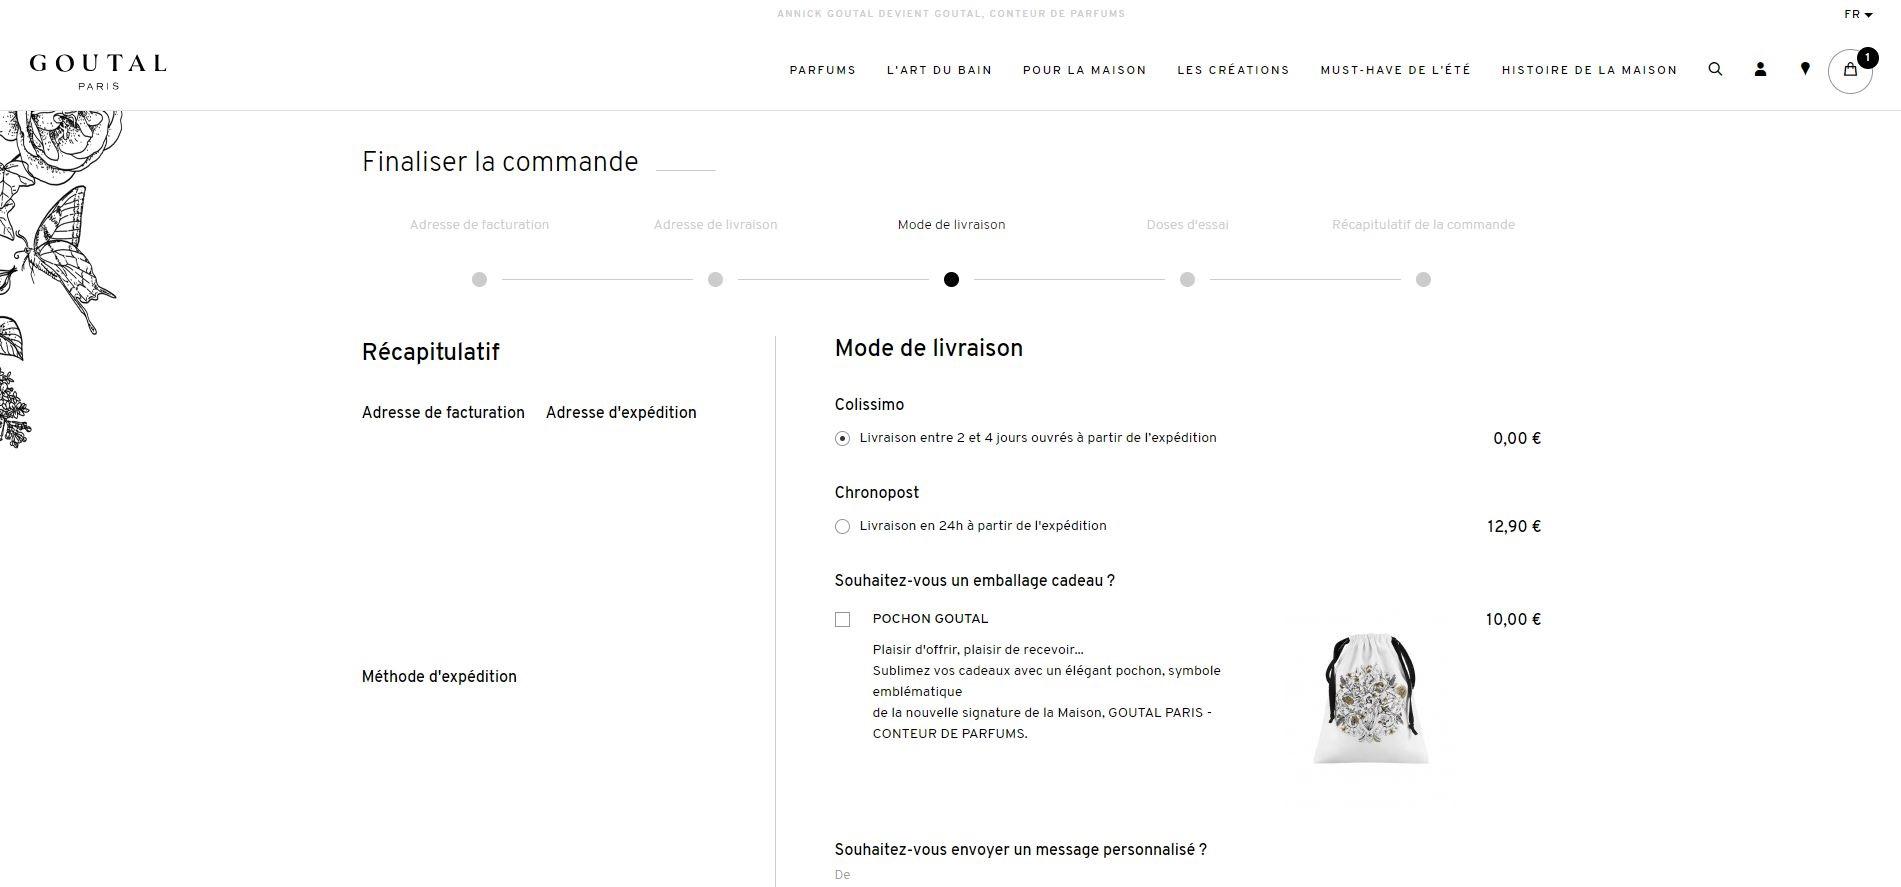 refonte tunnel d'achat pour meilleure expérience client sur site Goutal Paris